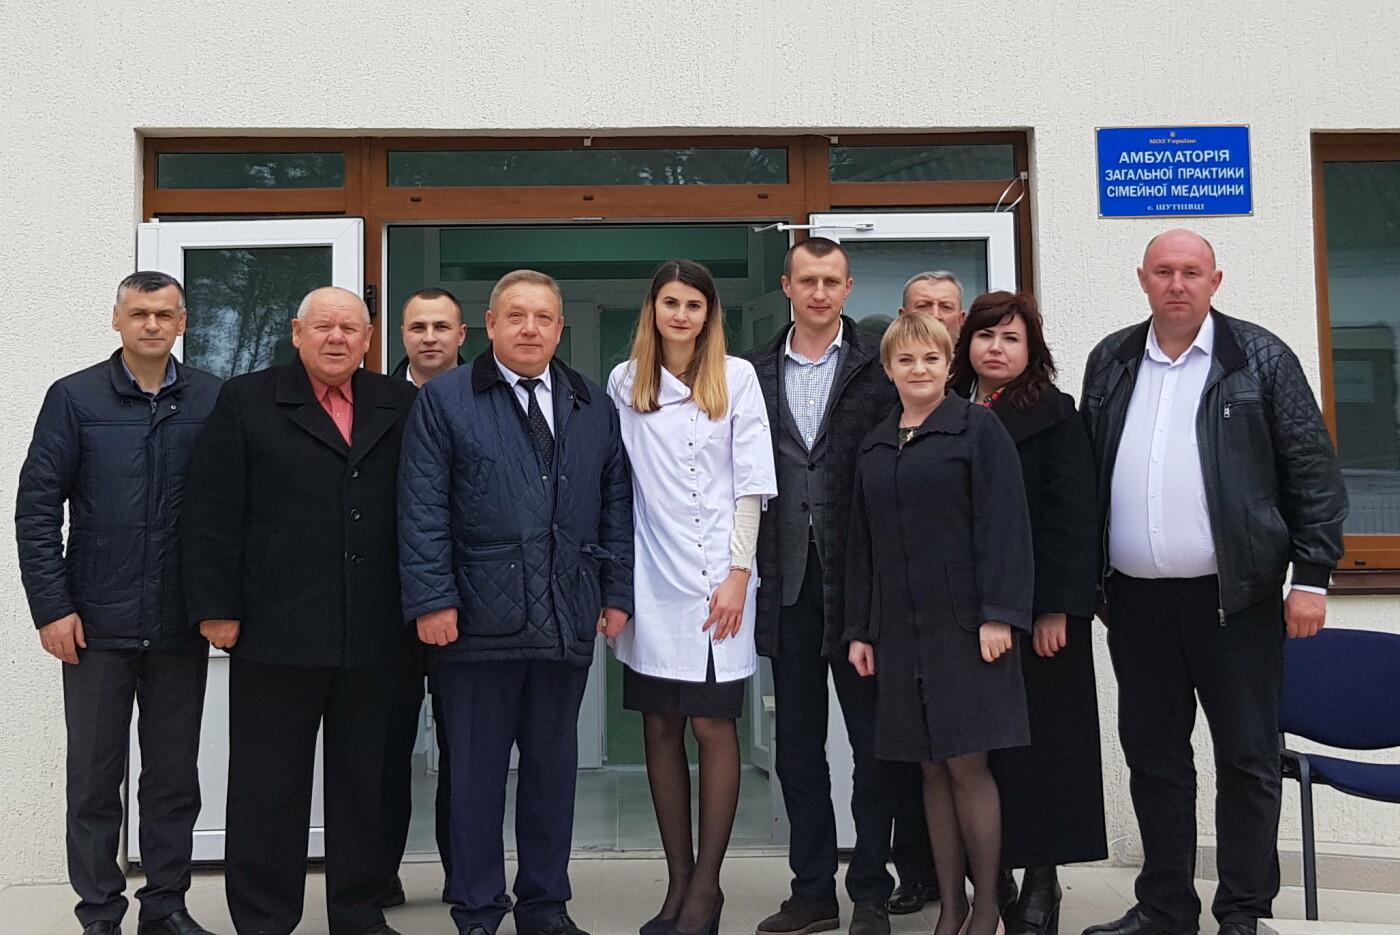 На Кам'янеччині відкрили нову амбулаторію сімейної медицини, фото-1, Фото: Хмельницька ОДА